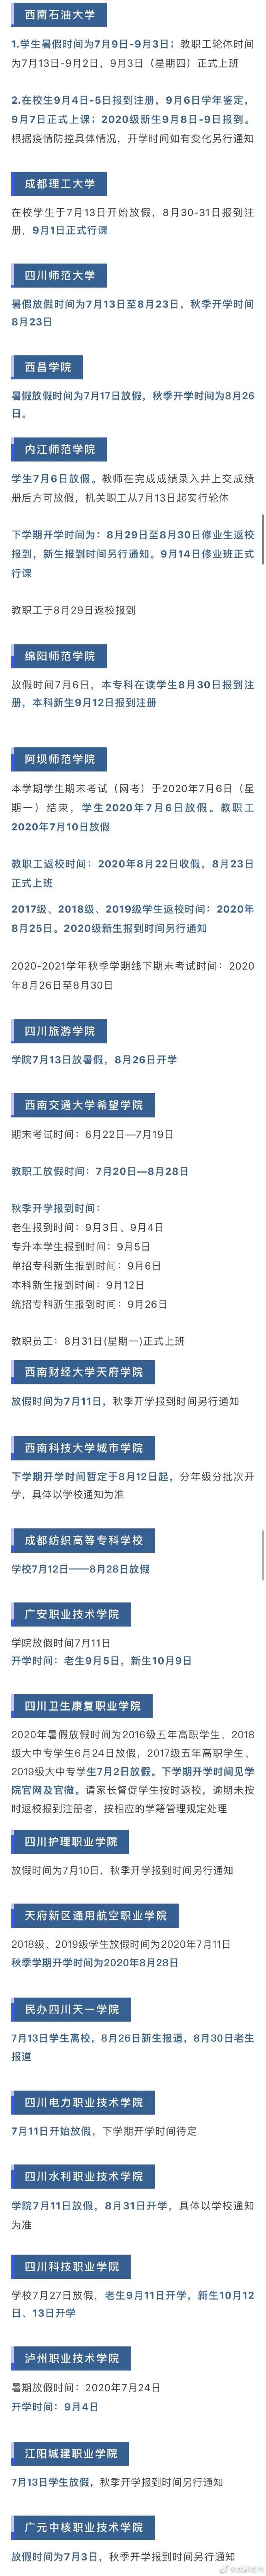 四川23所高校确定暑假时间 部分高校确定秋季开学时间